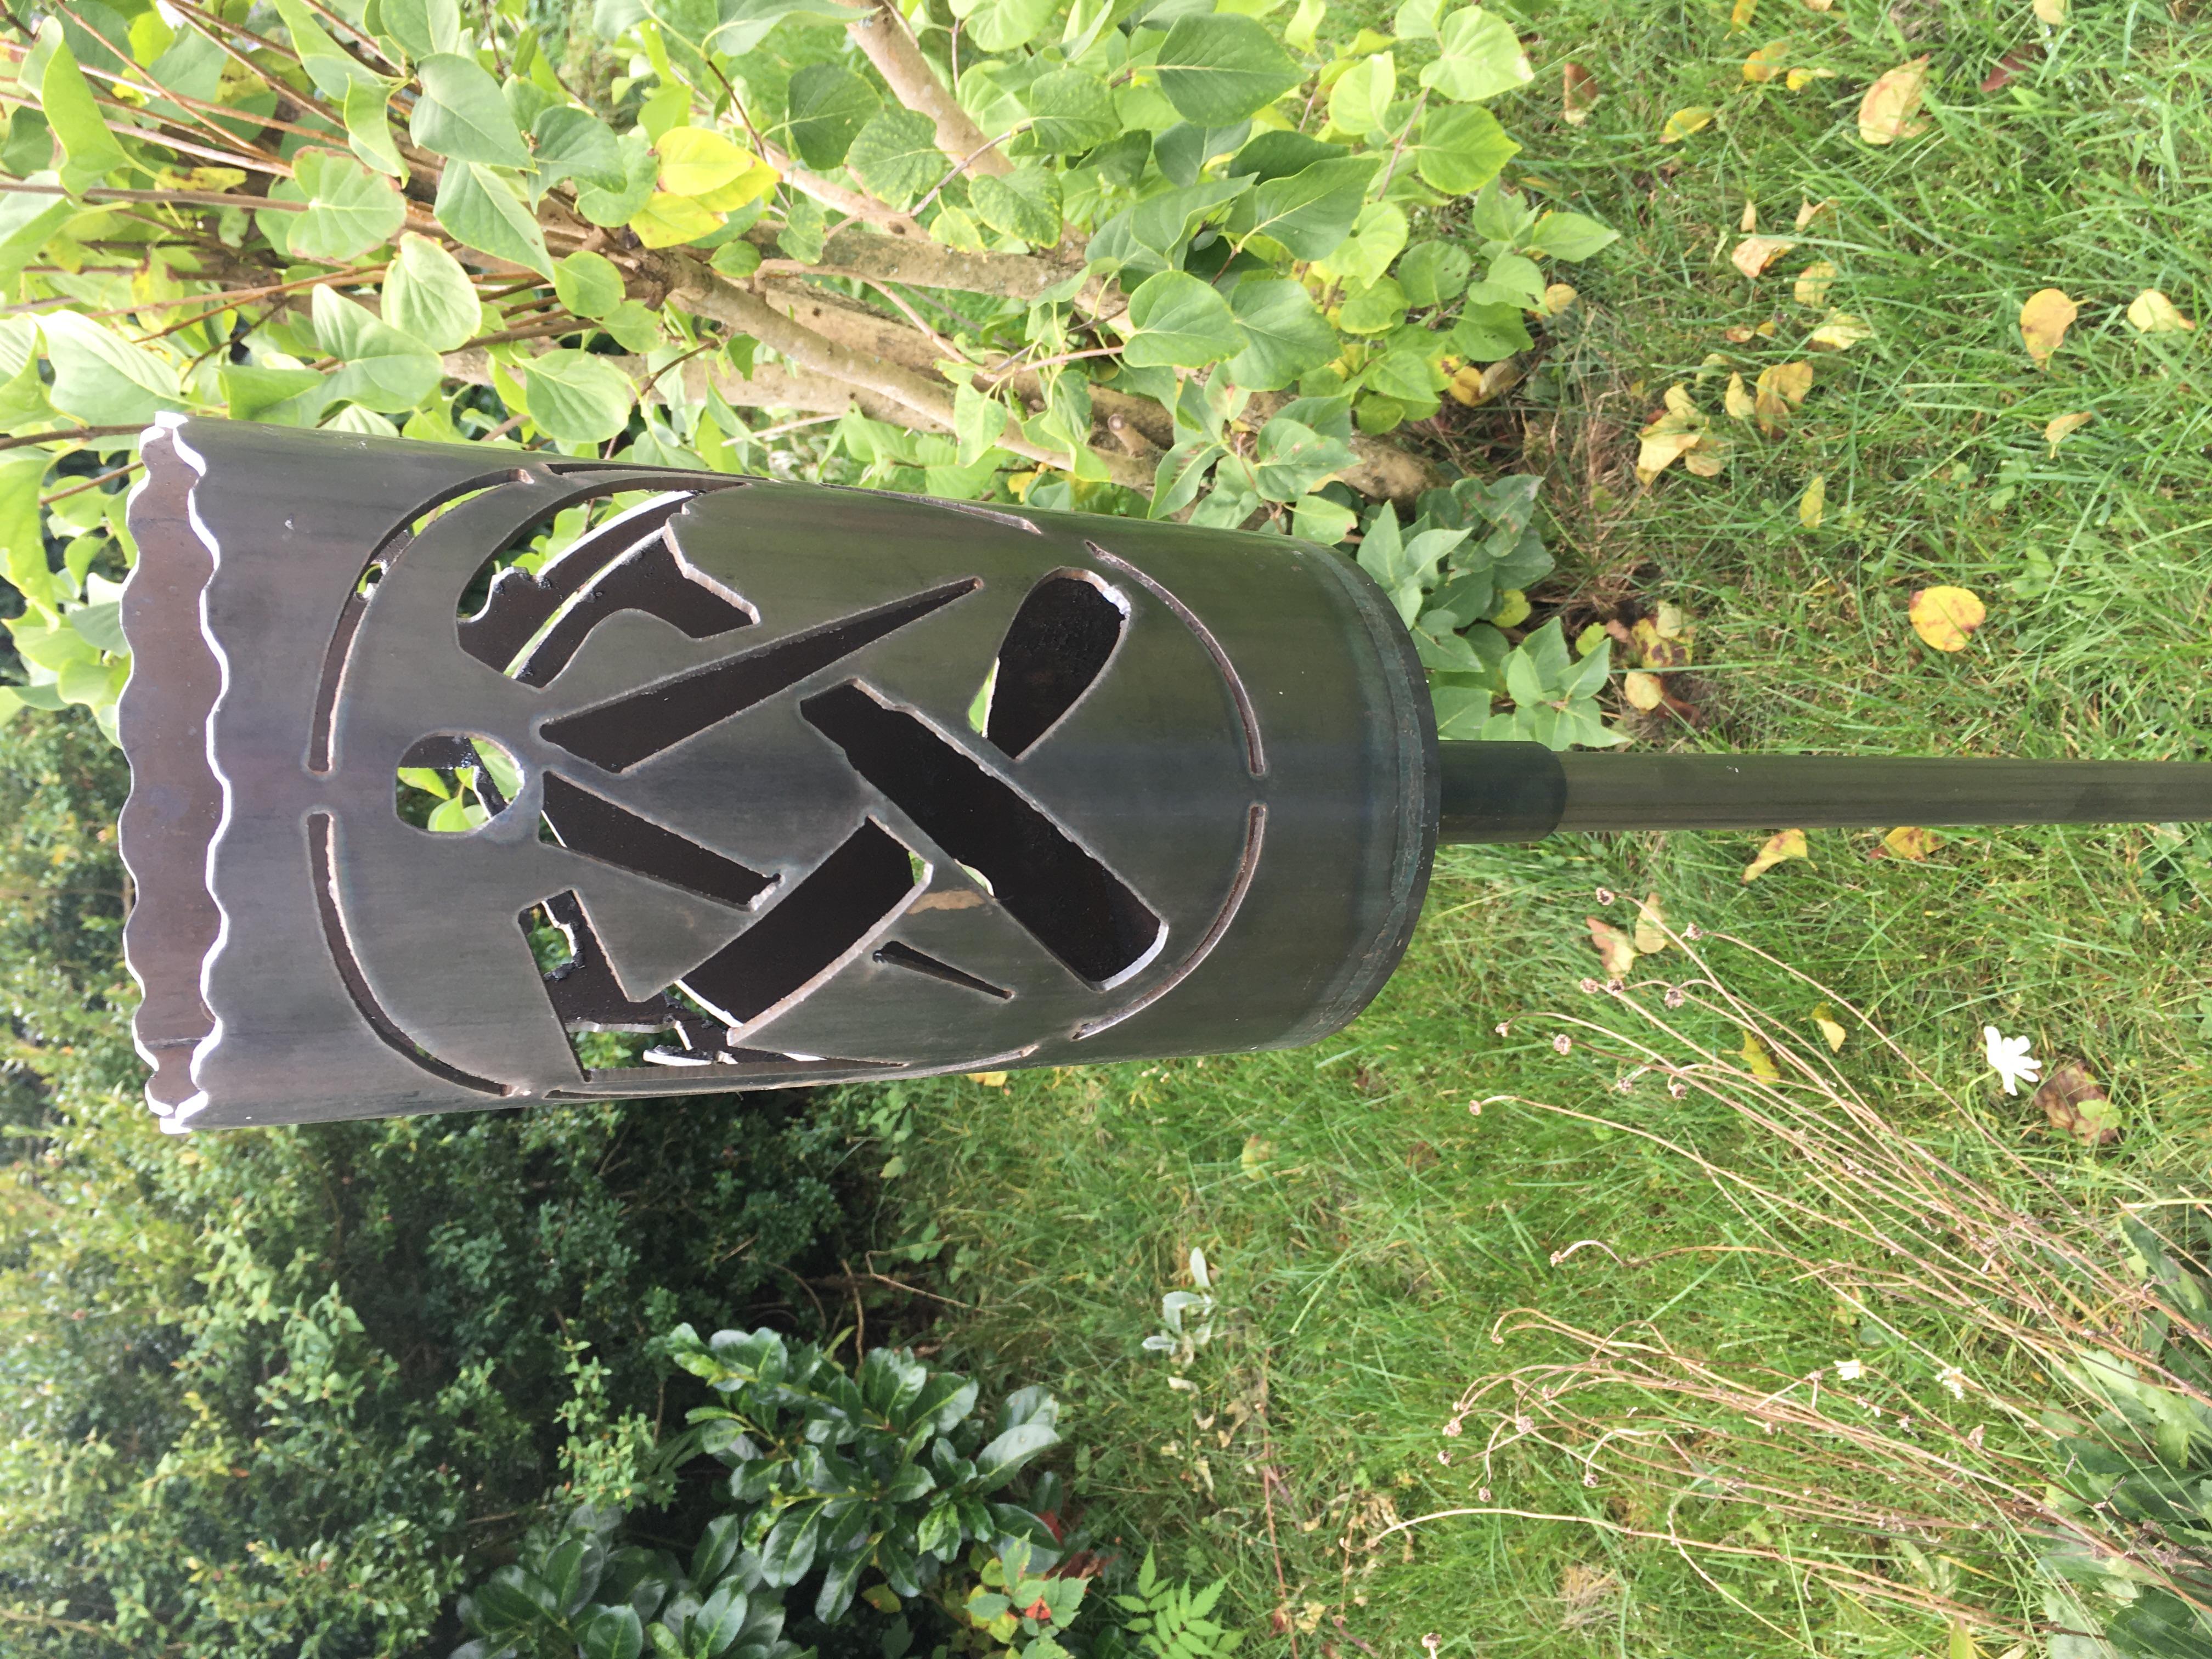 Gartenfackel groß Dachdecker INDIVIDUELL - inkl. Fackelstiel 120 cm unangespitzt und 1 x Brennmaterial